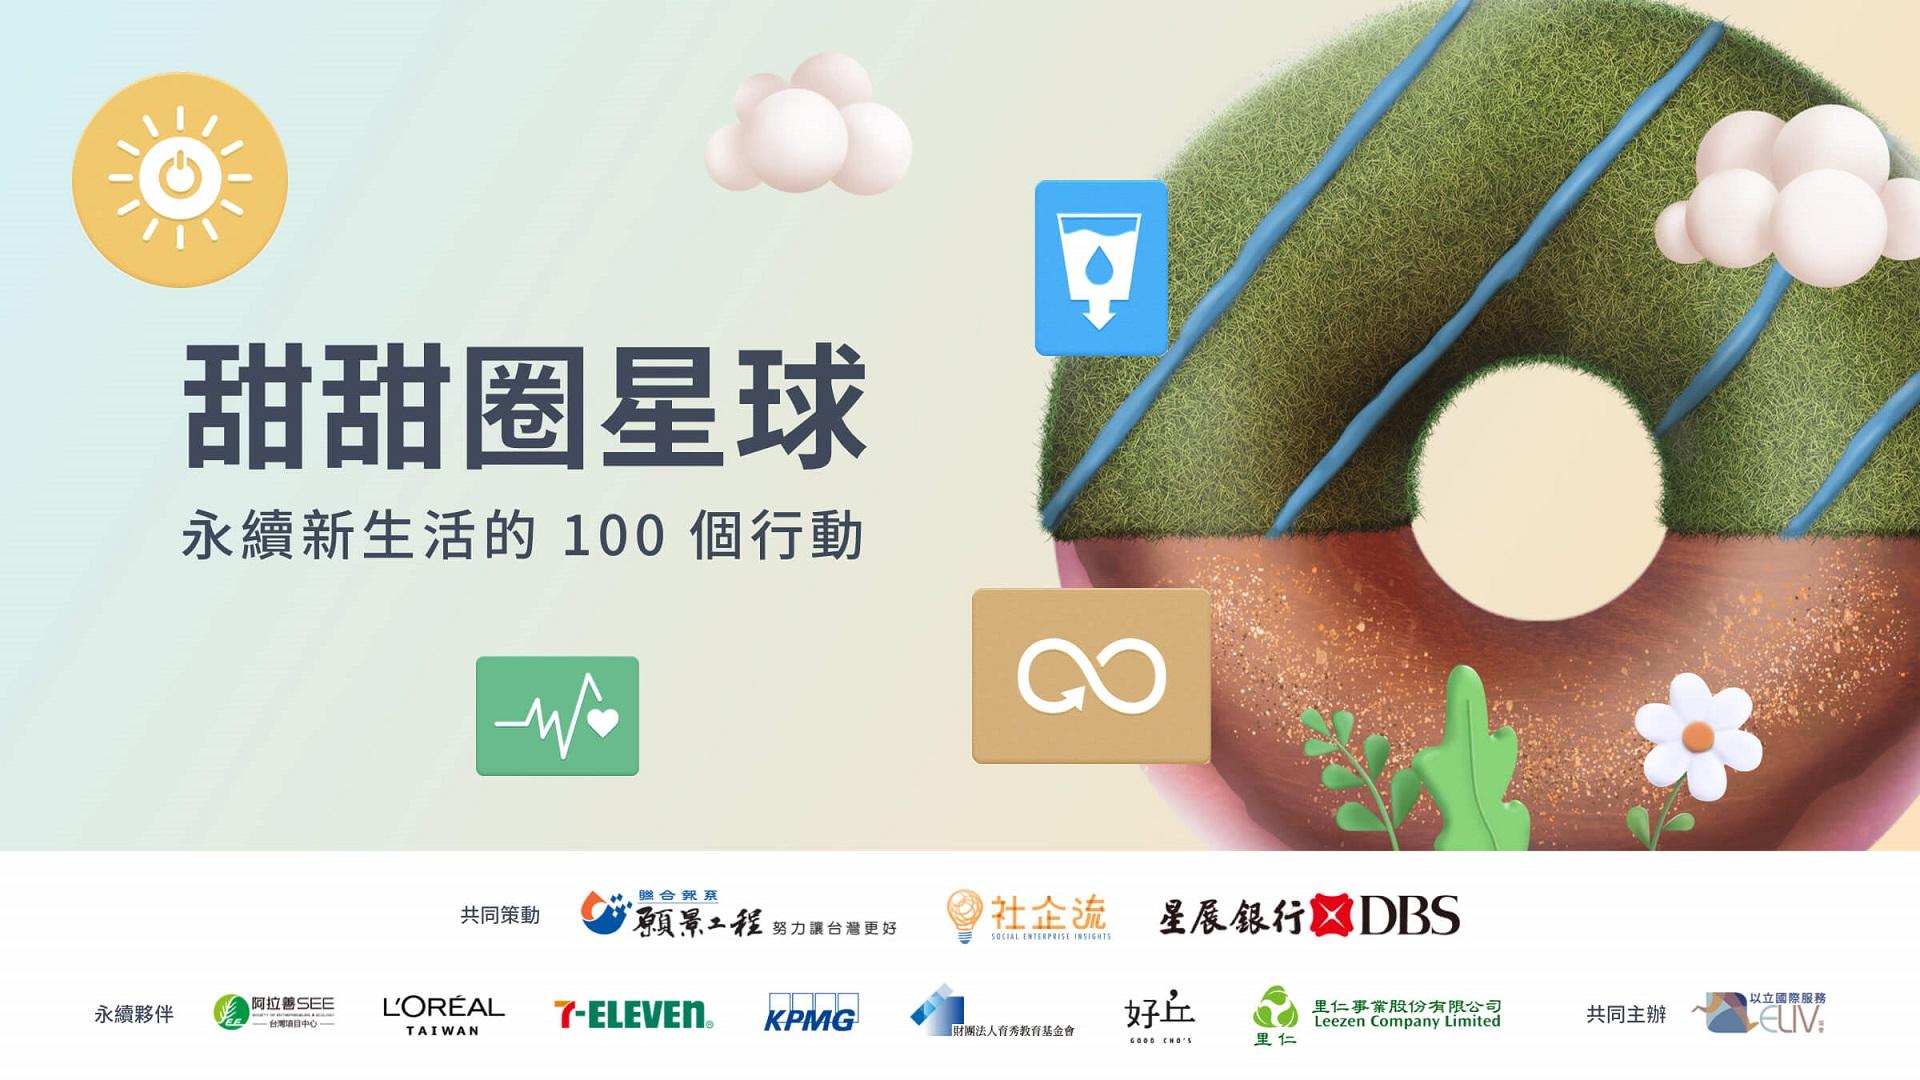 「甜甜圈星球:永續新生活的 100 個行動」論壇(免費參與)